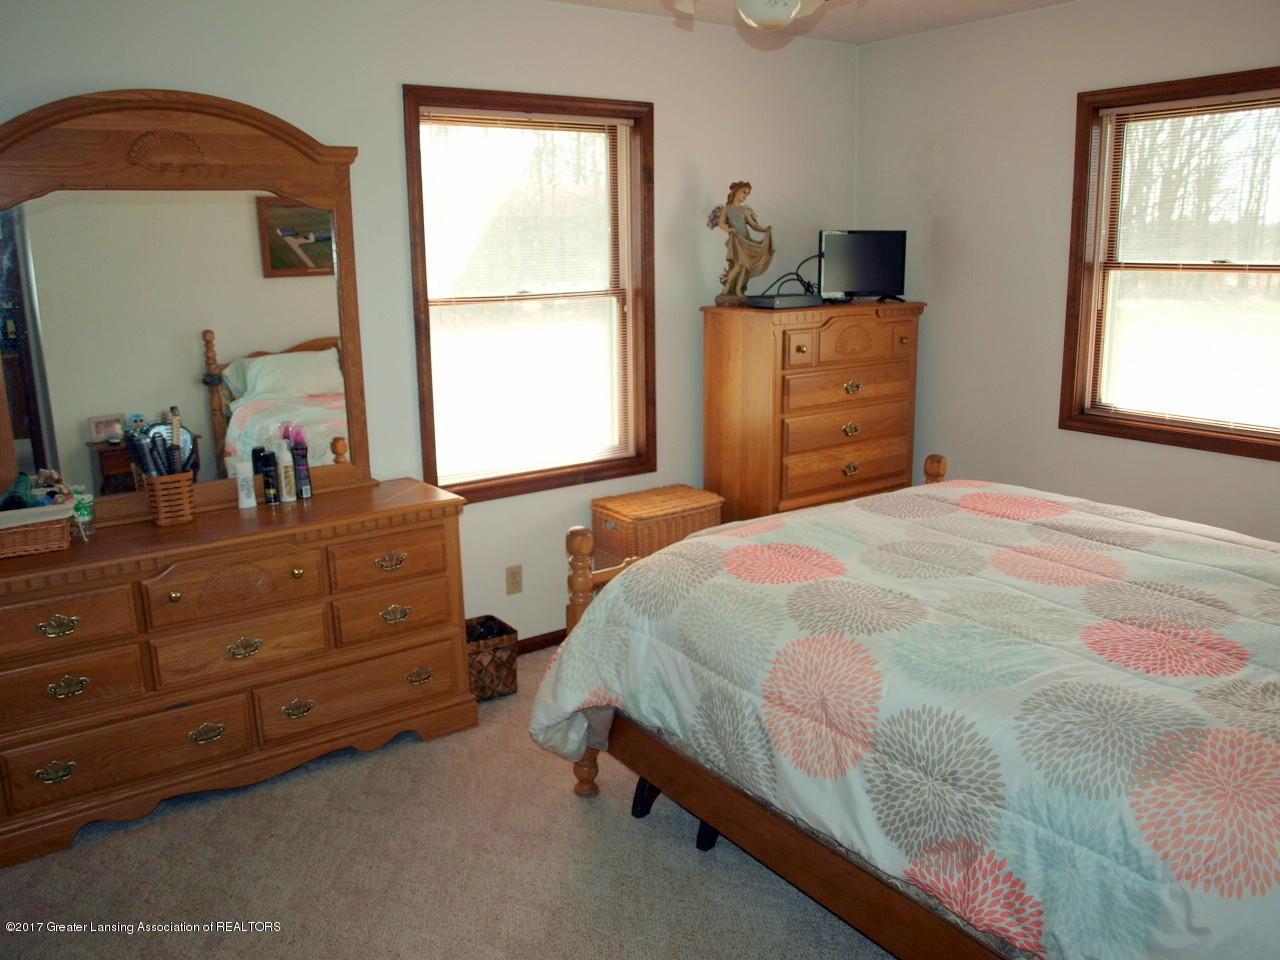 1871 W Taft Rd - 1st Floor Bedroom - 16